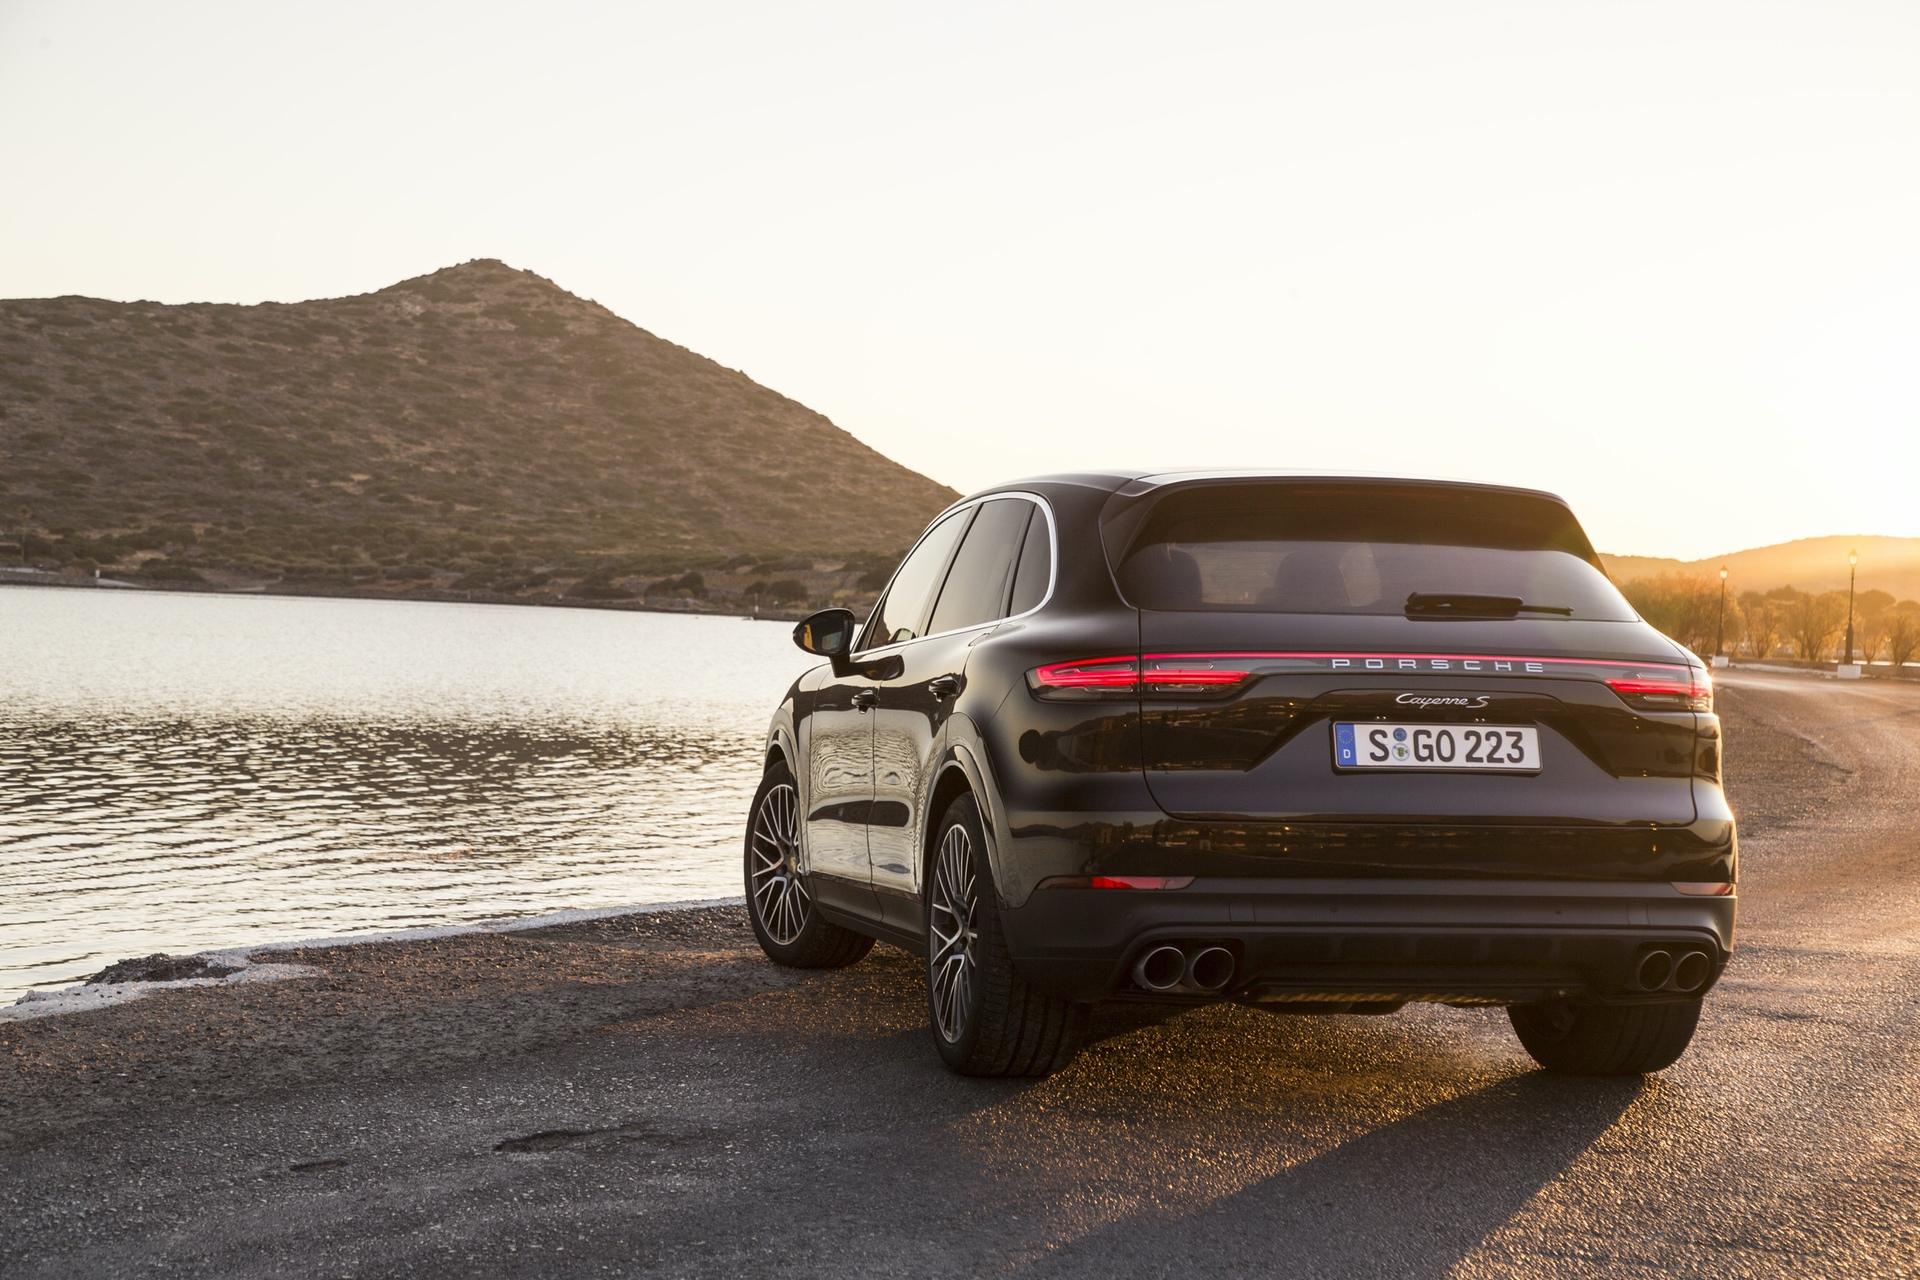 Test_Drive_Porsche_Cayenne_325